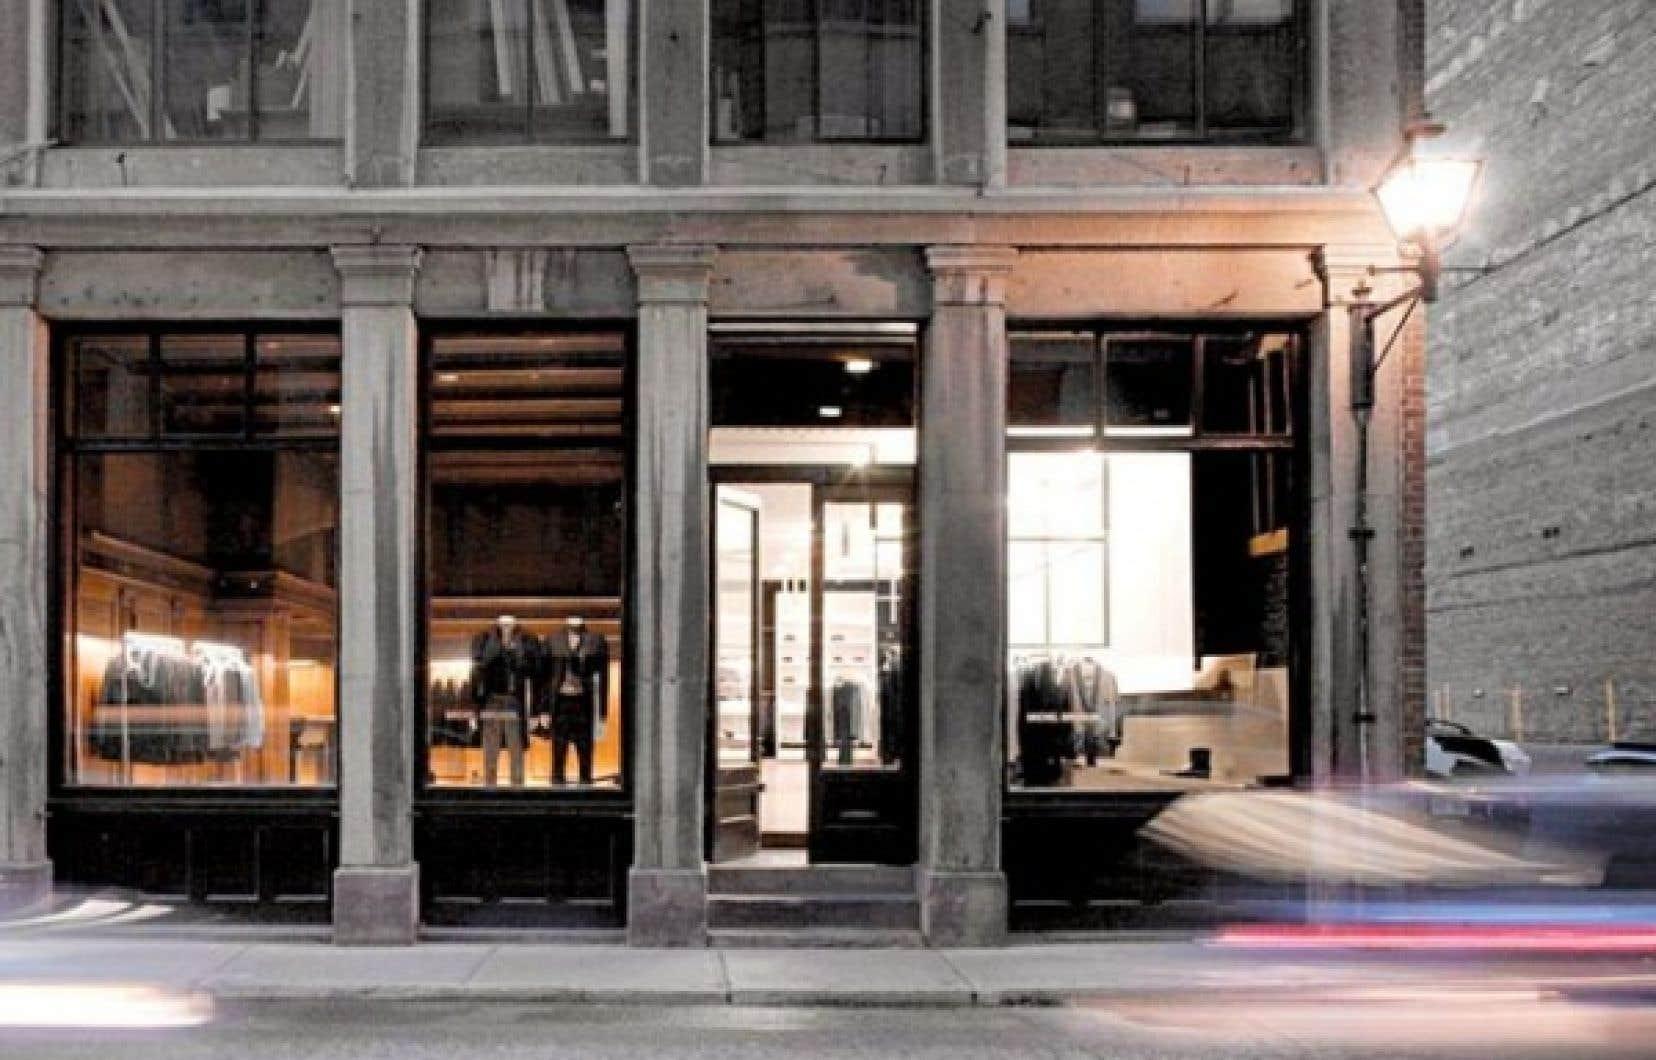 Les férus de mode pourront profiter d'un festival tendance et d'une aventure de magasinage haute en style et en couleur, avec des soldes et une foule de découvertes, à la première Fashion's Night Out, qui se tiendra dans le Vieux-Montréal en septembre. La Boutique Michel Brisson (photo) est l'un des commerces participants.